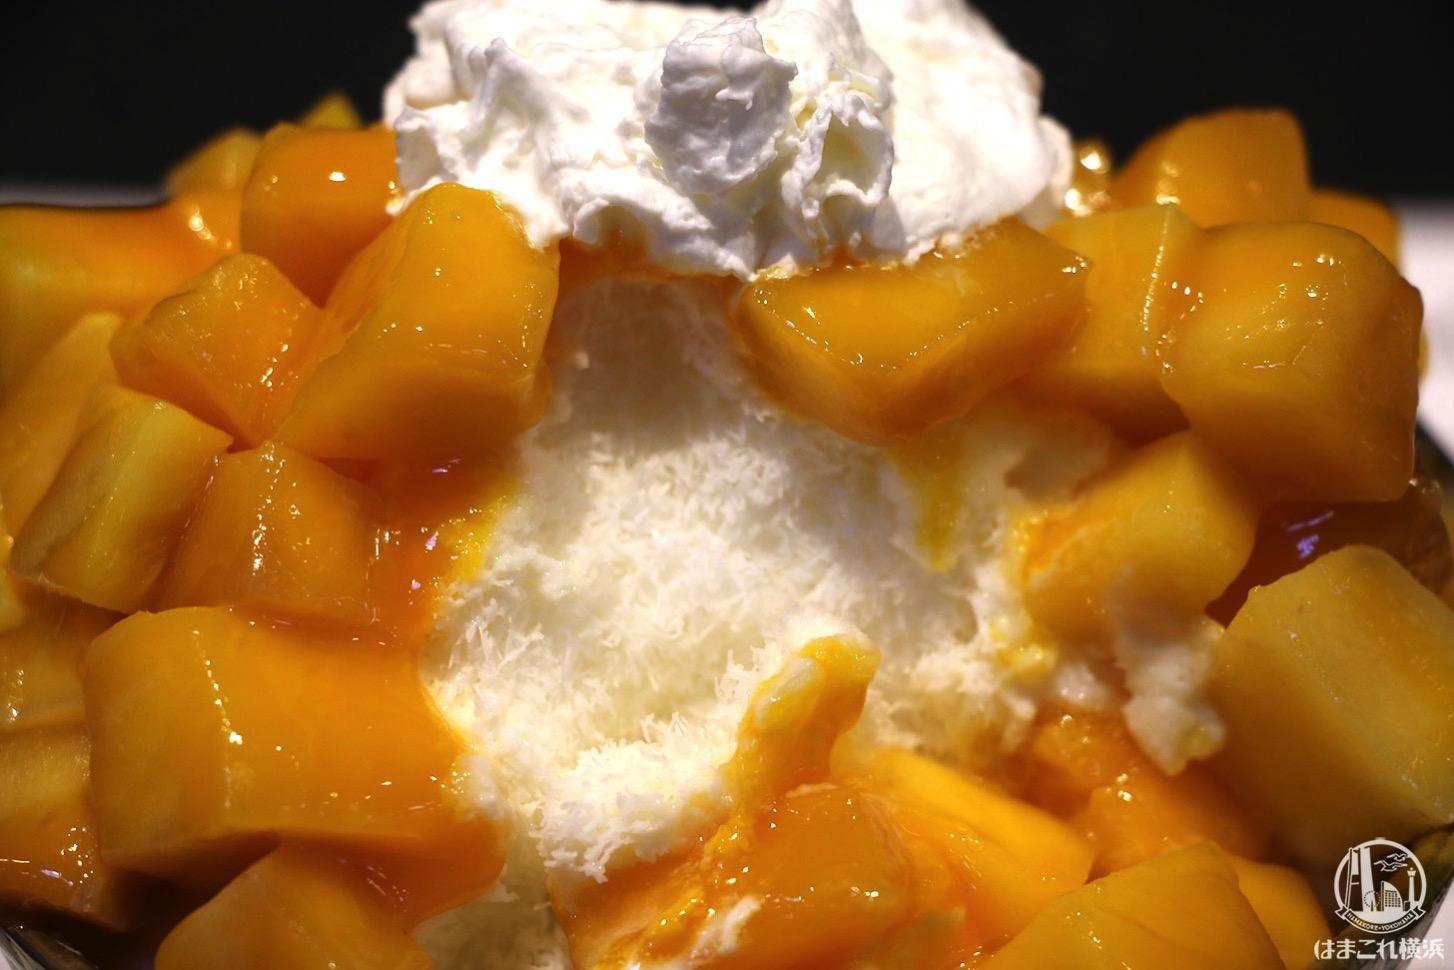 スノーウィーヴィレッジ 生マンゴーのかき氷 ミルク氷